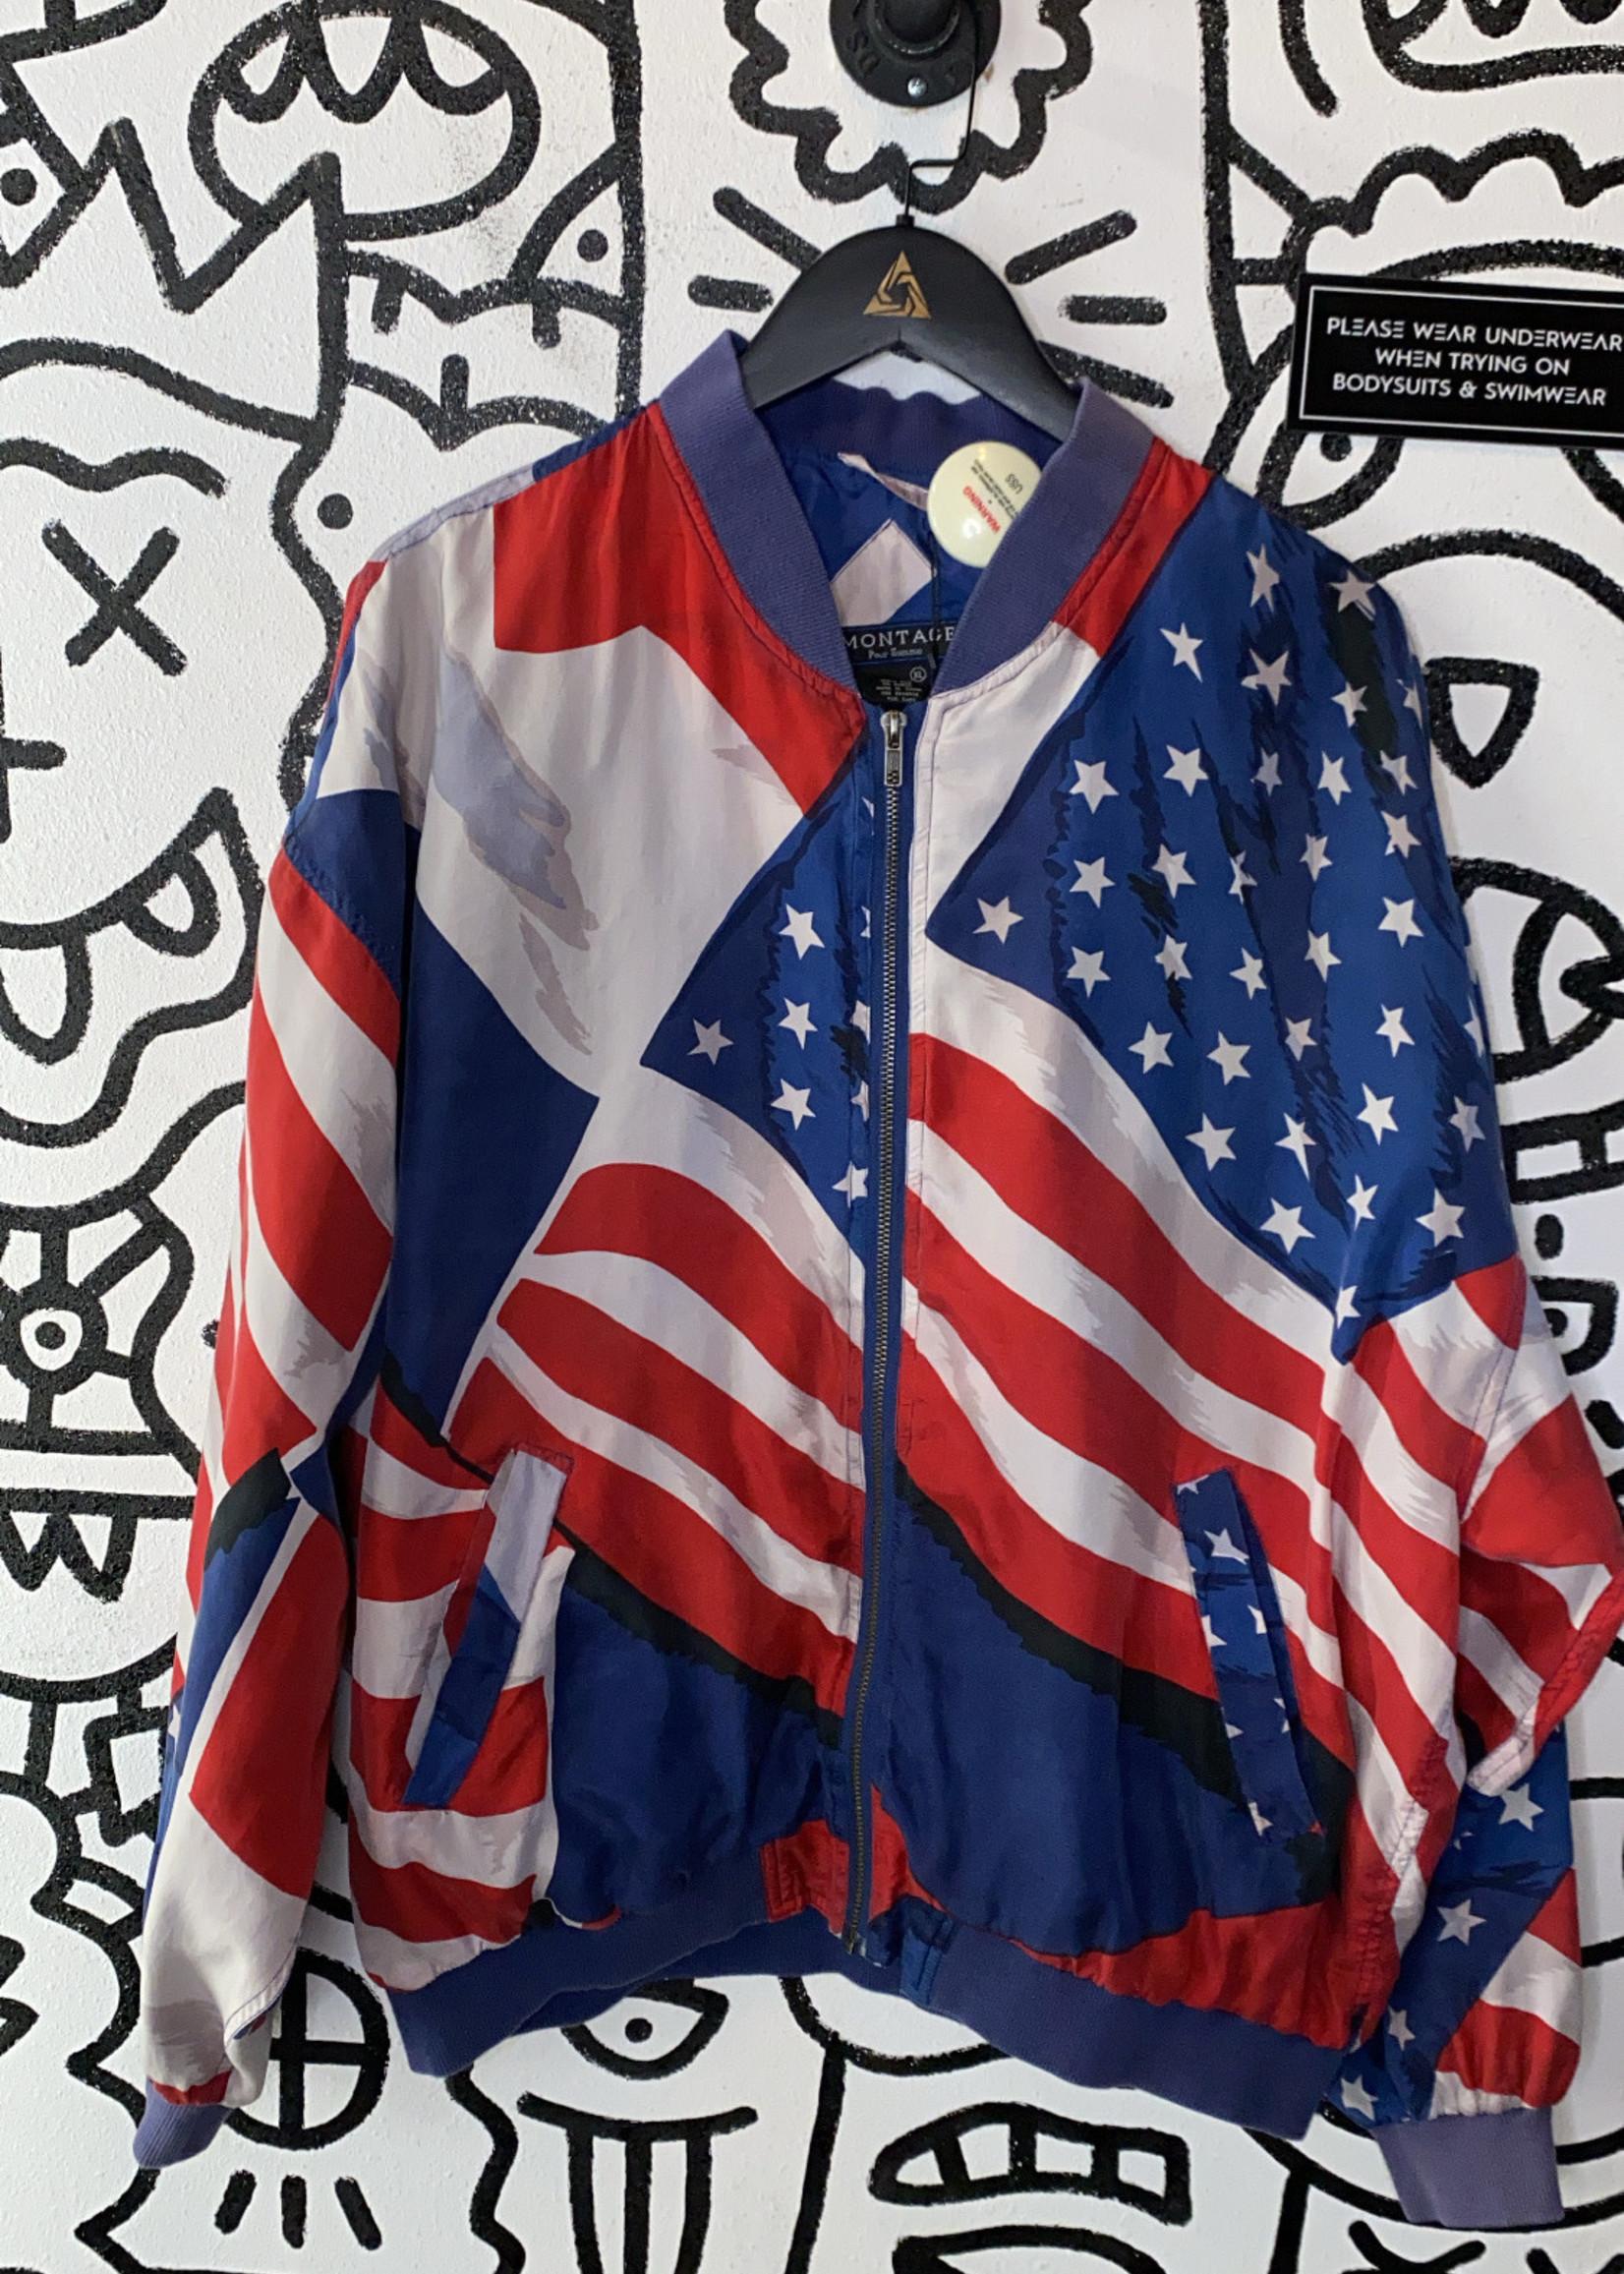 Montage Vintage American Flag Zip Jacket XL